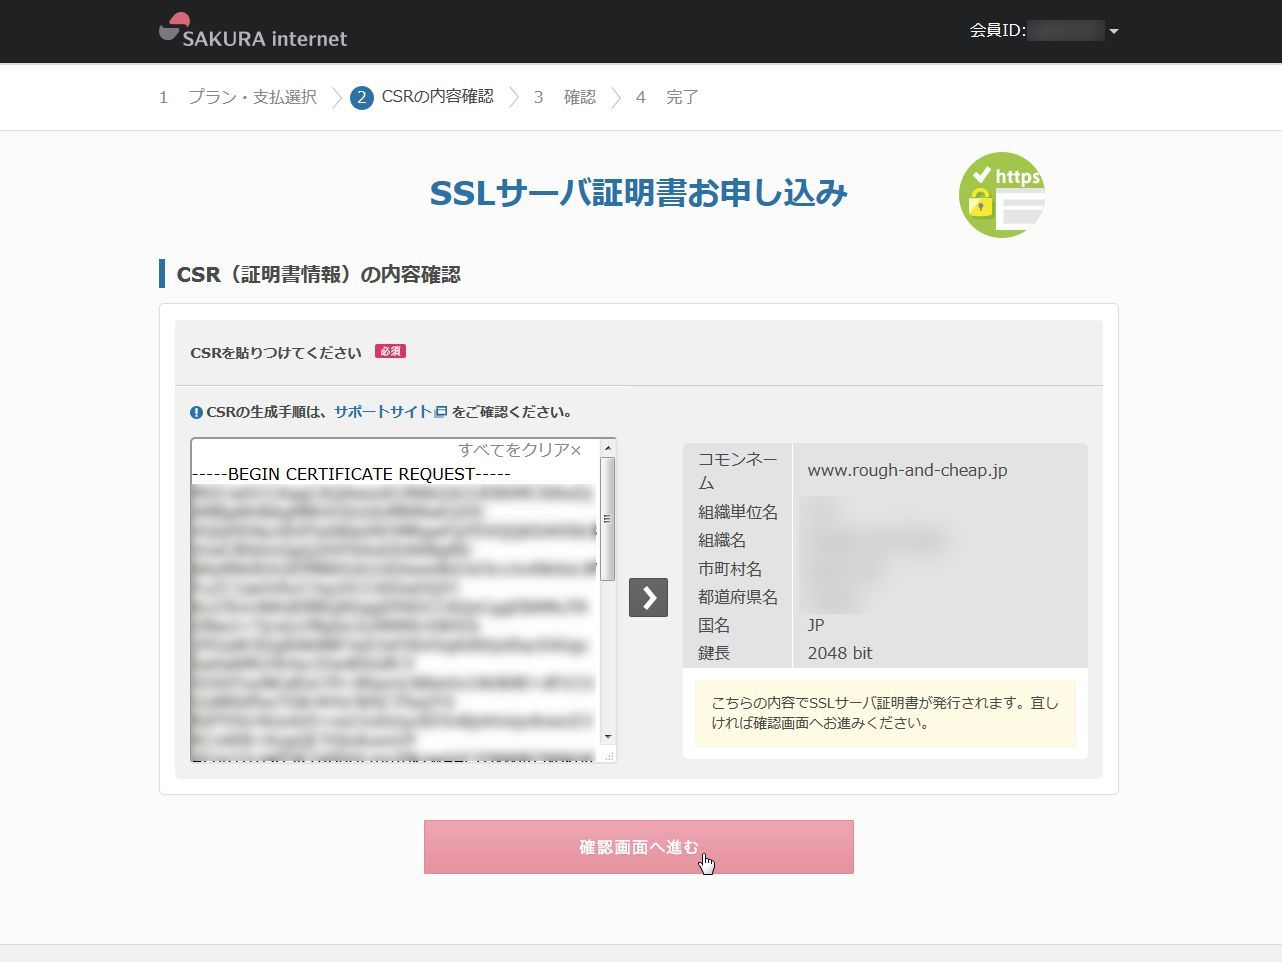 さくらインターネット: CSRの送信